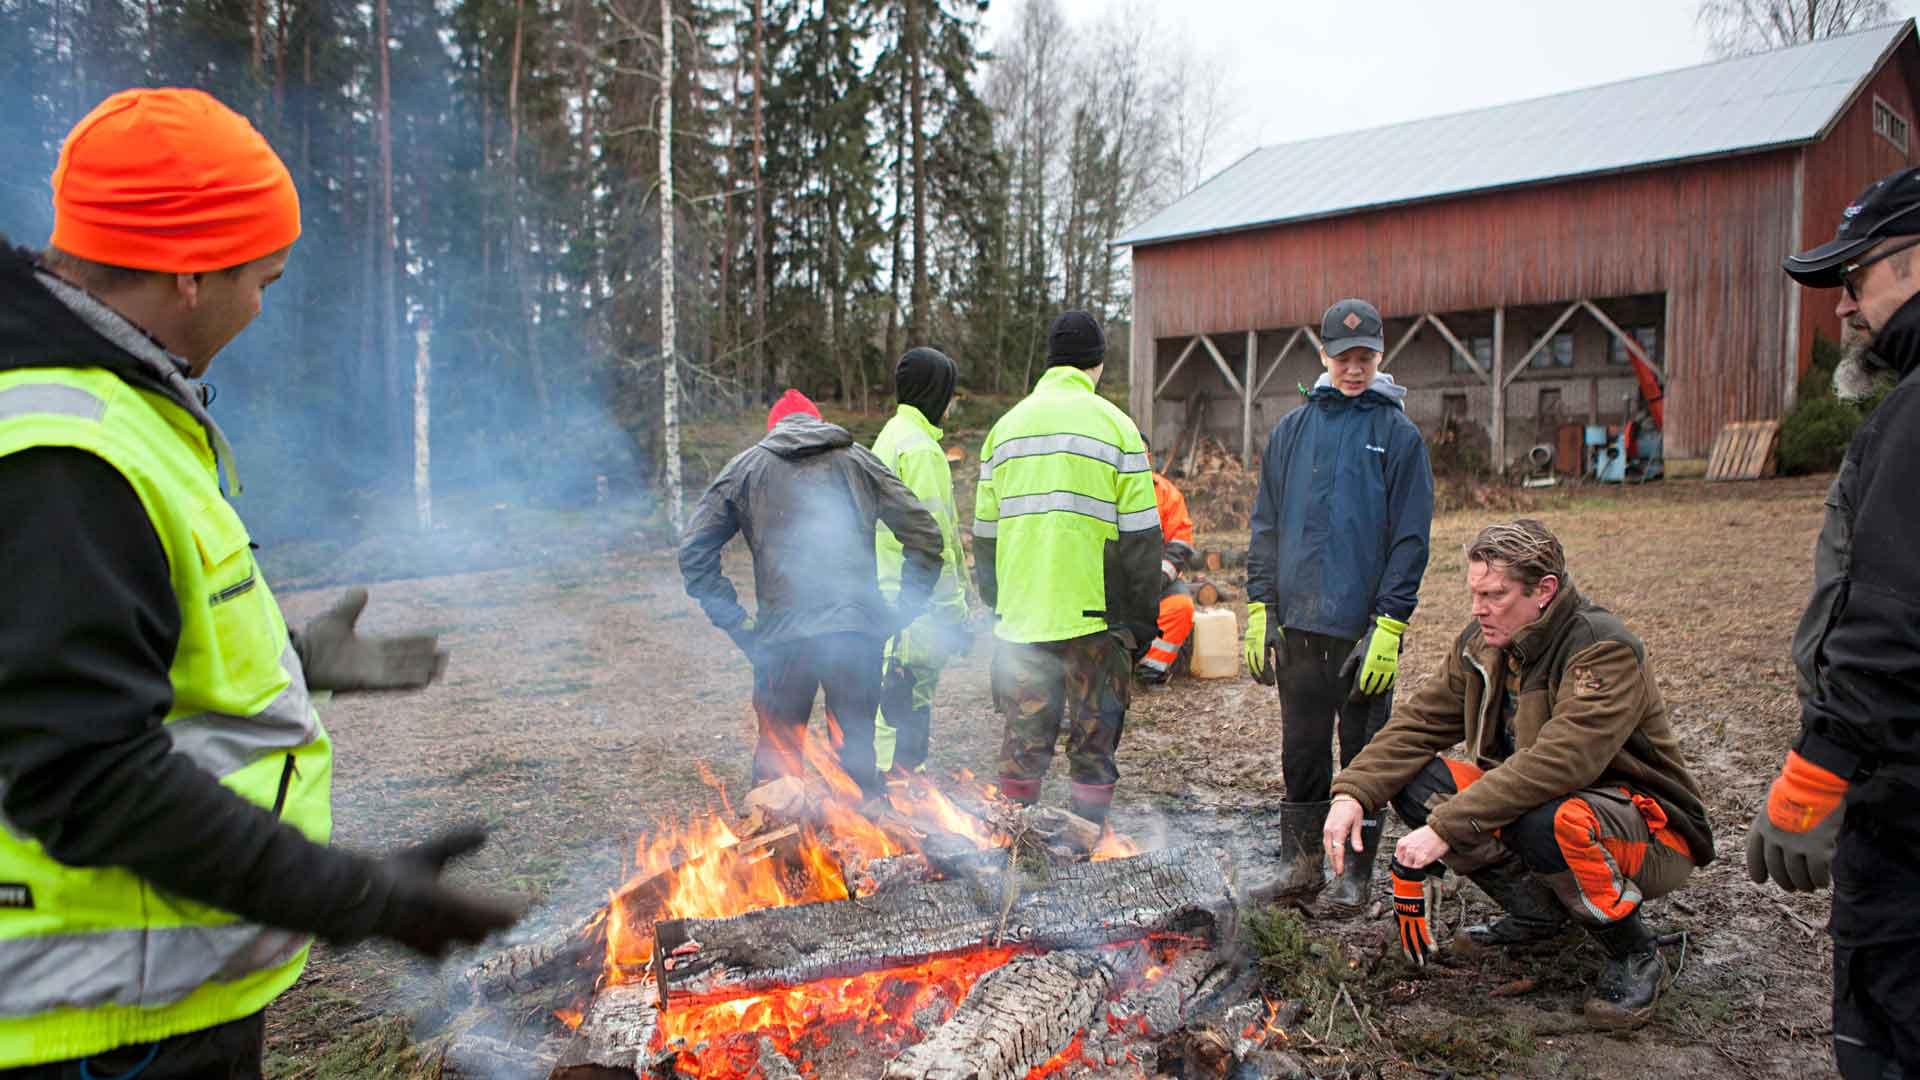 Pellolle sytytetty taukotuli lämmittää hyisessä säässä. Talkooporukka auttoi aikanaan myös Vesan isää kuusirumbassa. Kuvassa Tom Lindholm (vas.), Ilkka Leppänen, Vesa Karvonen ja Ilari Örnberg.